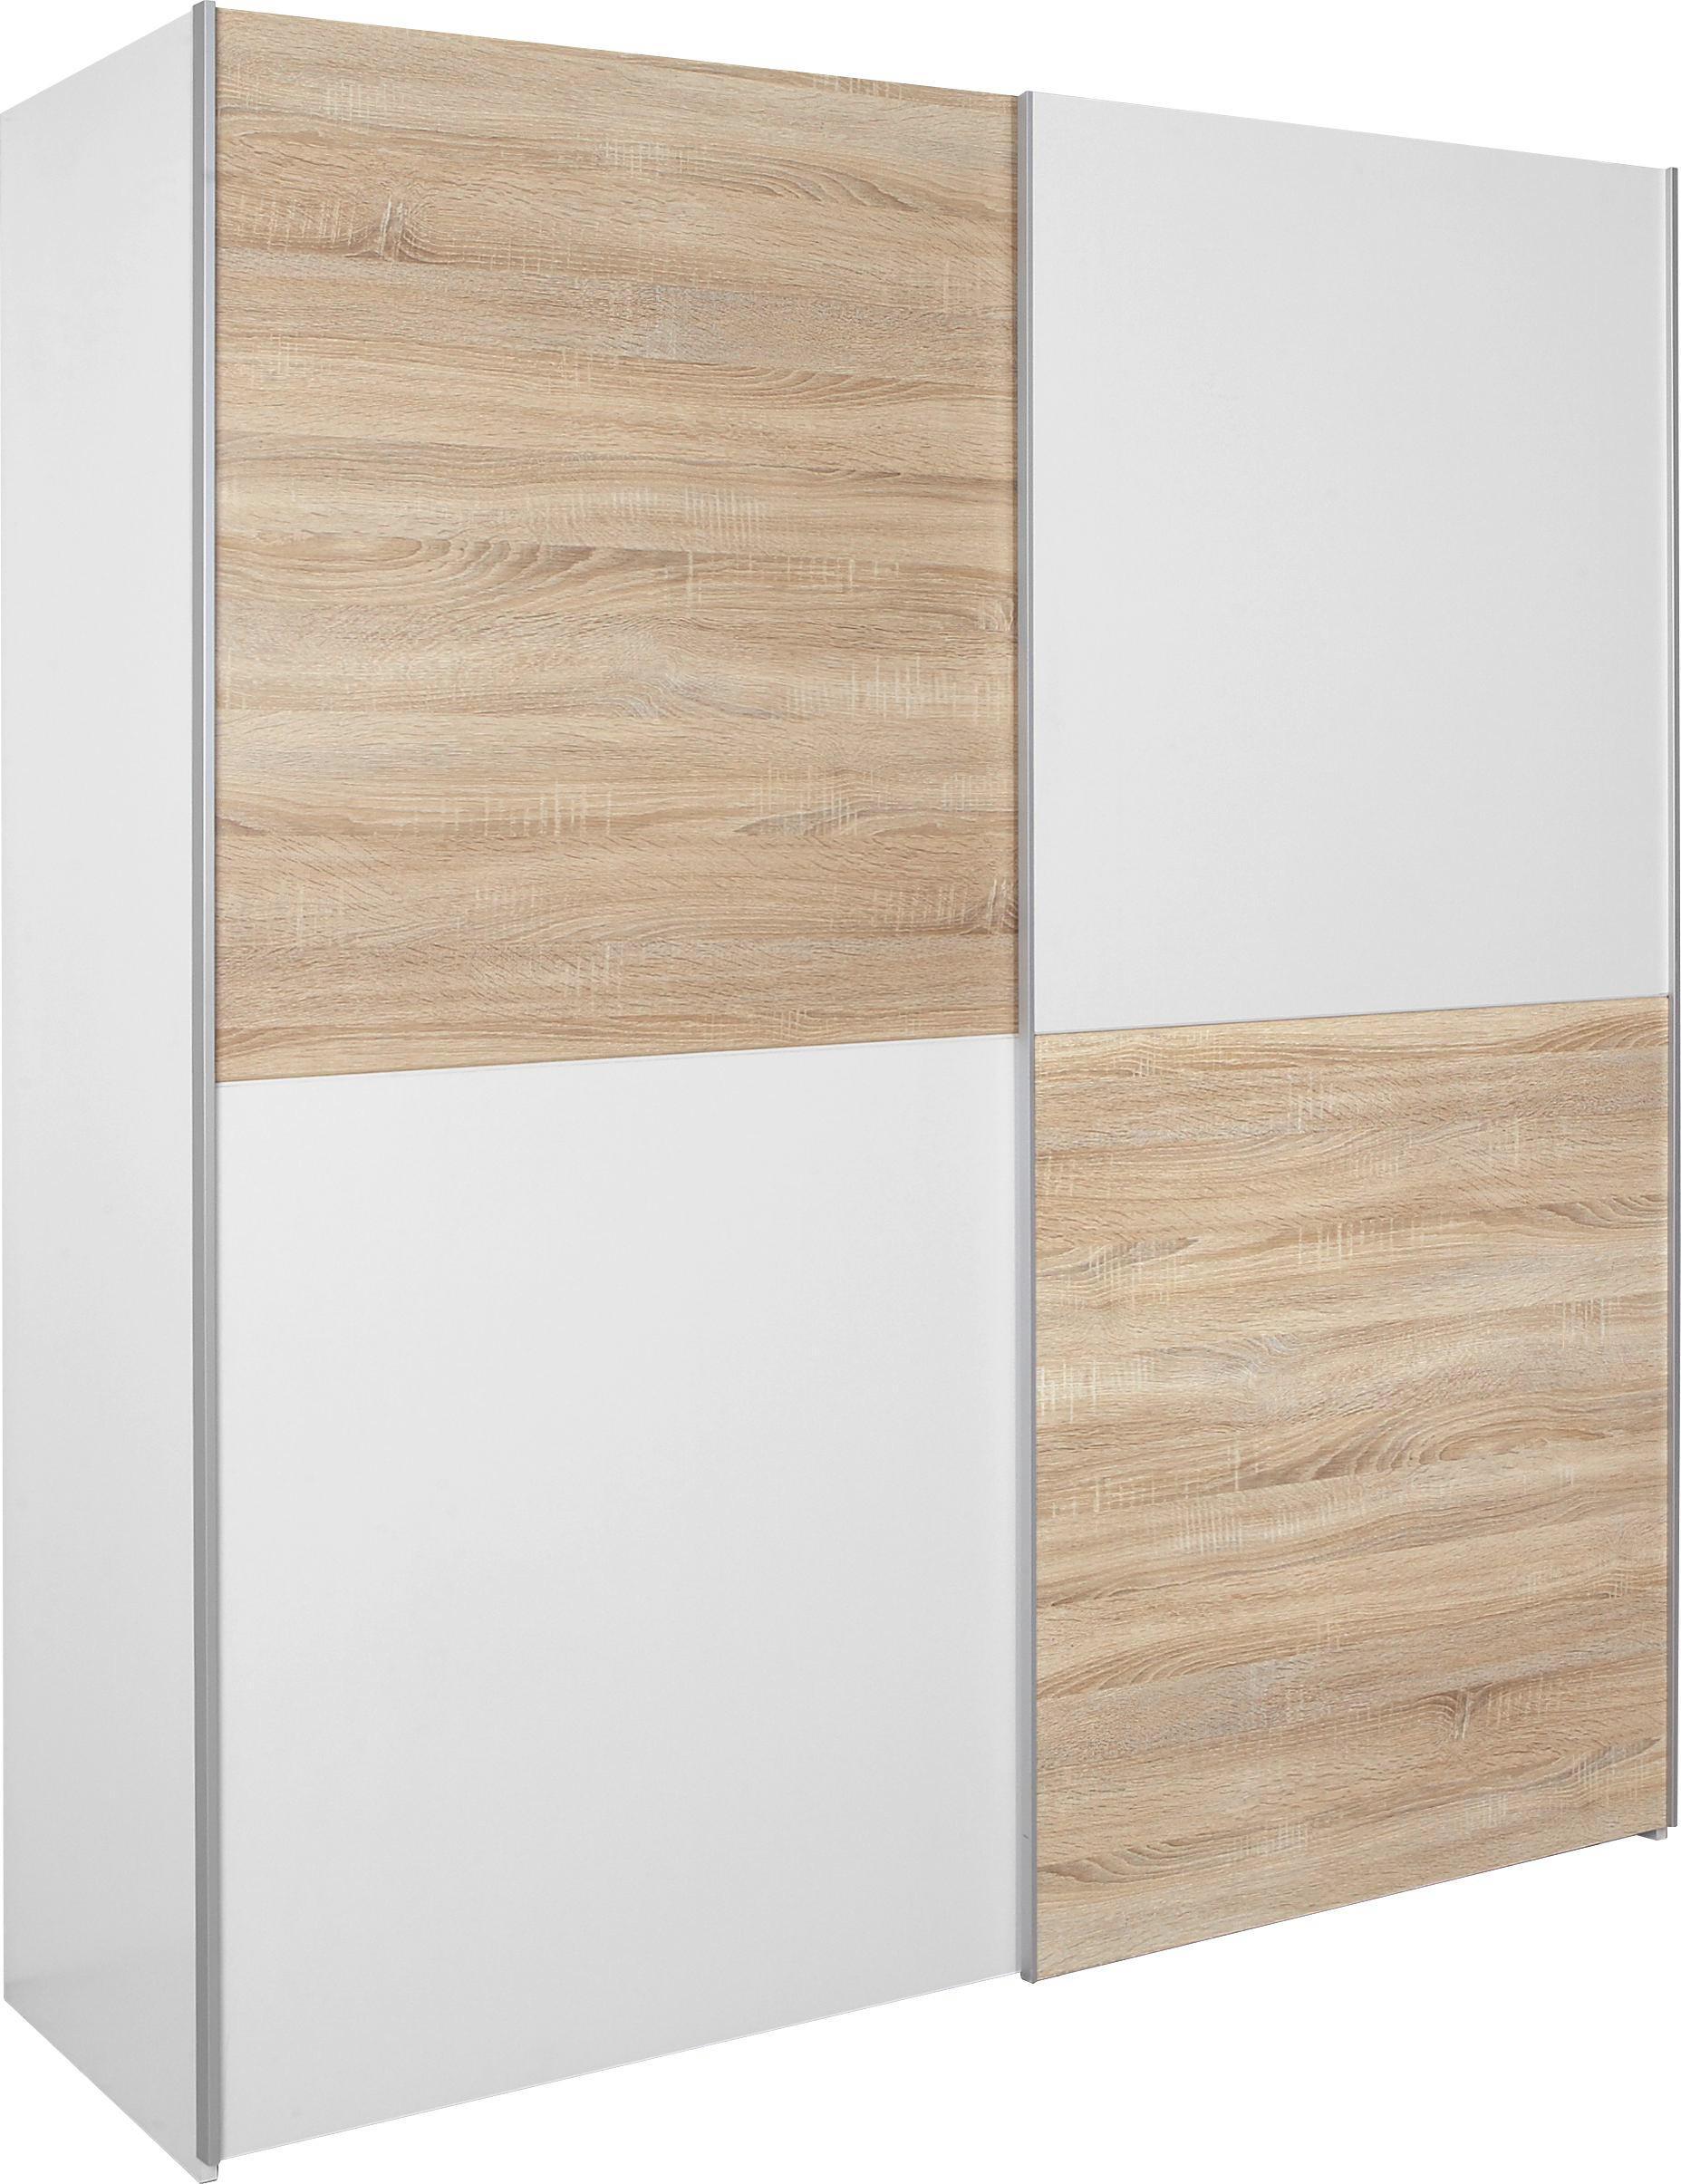 ORMAR S KLIZNIM VRATIMA - bijela/boje hrasta, Design, drvni materijal/metal (170/195/63cm) - BOXXX